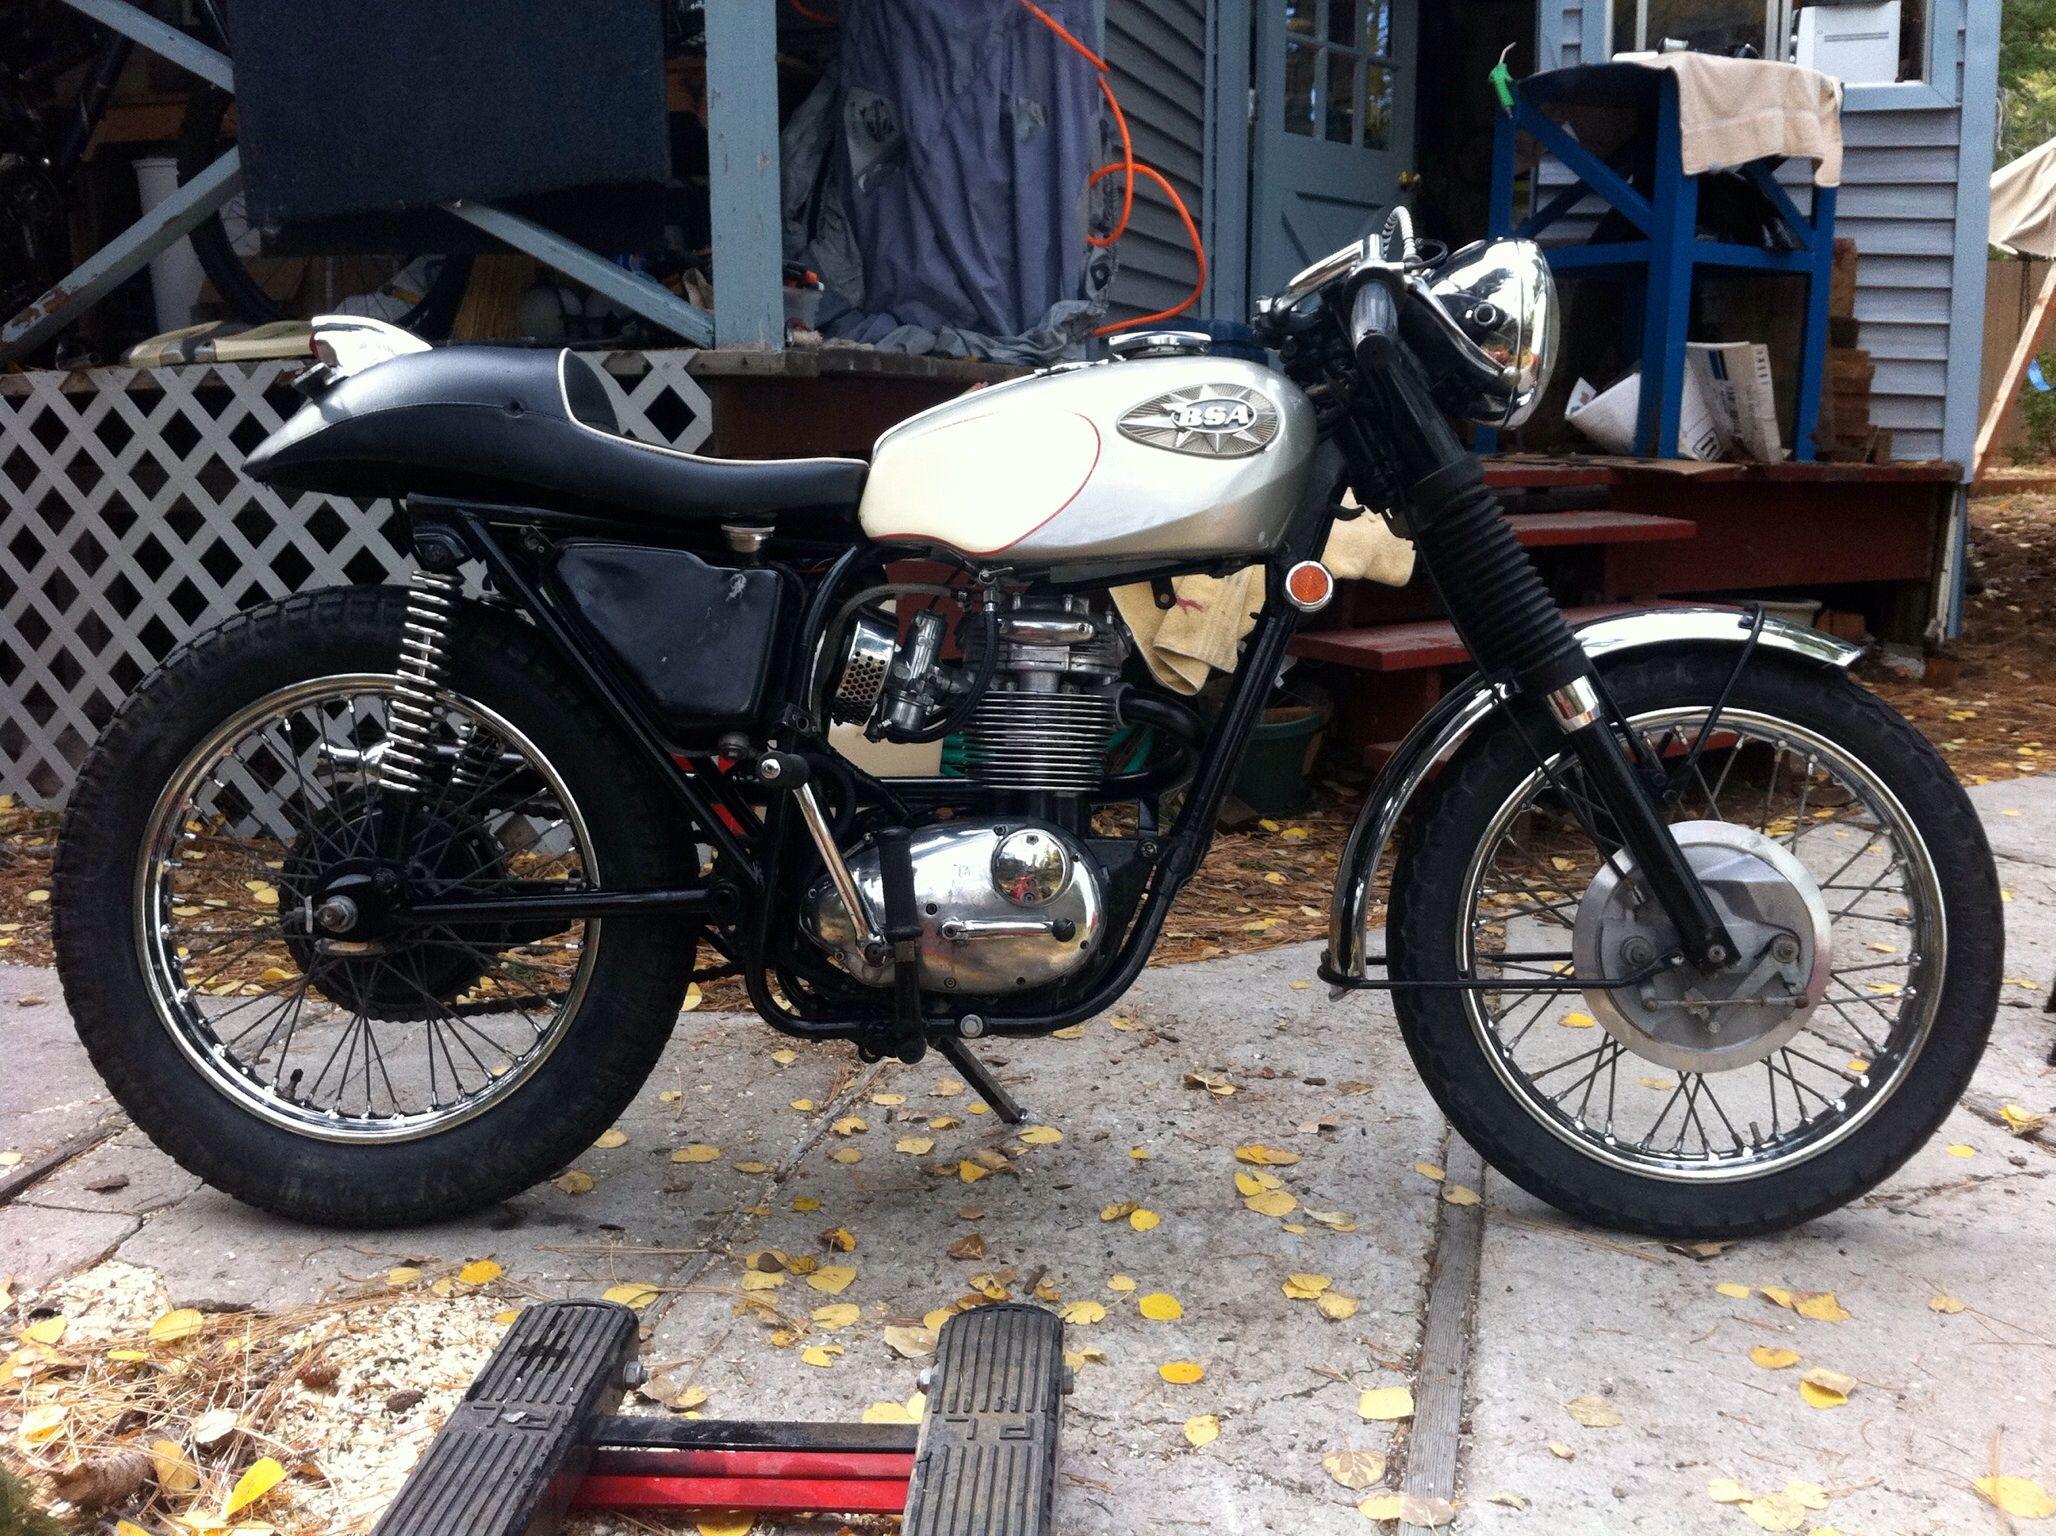 1969 bsa starfire 250 cafe racer